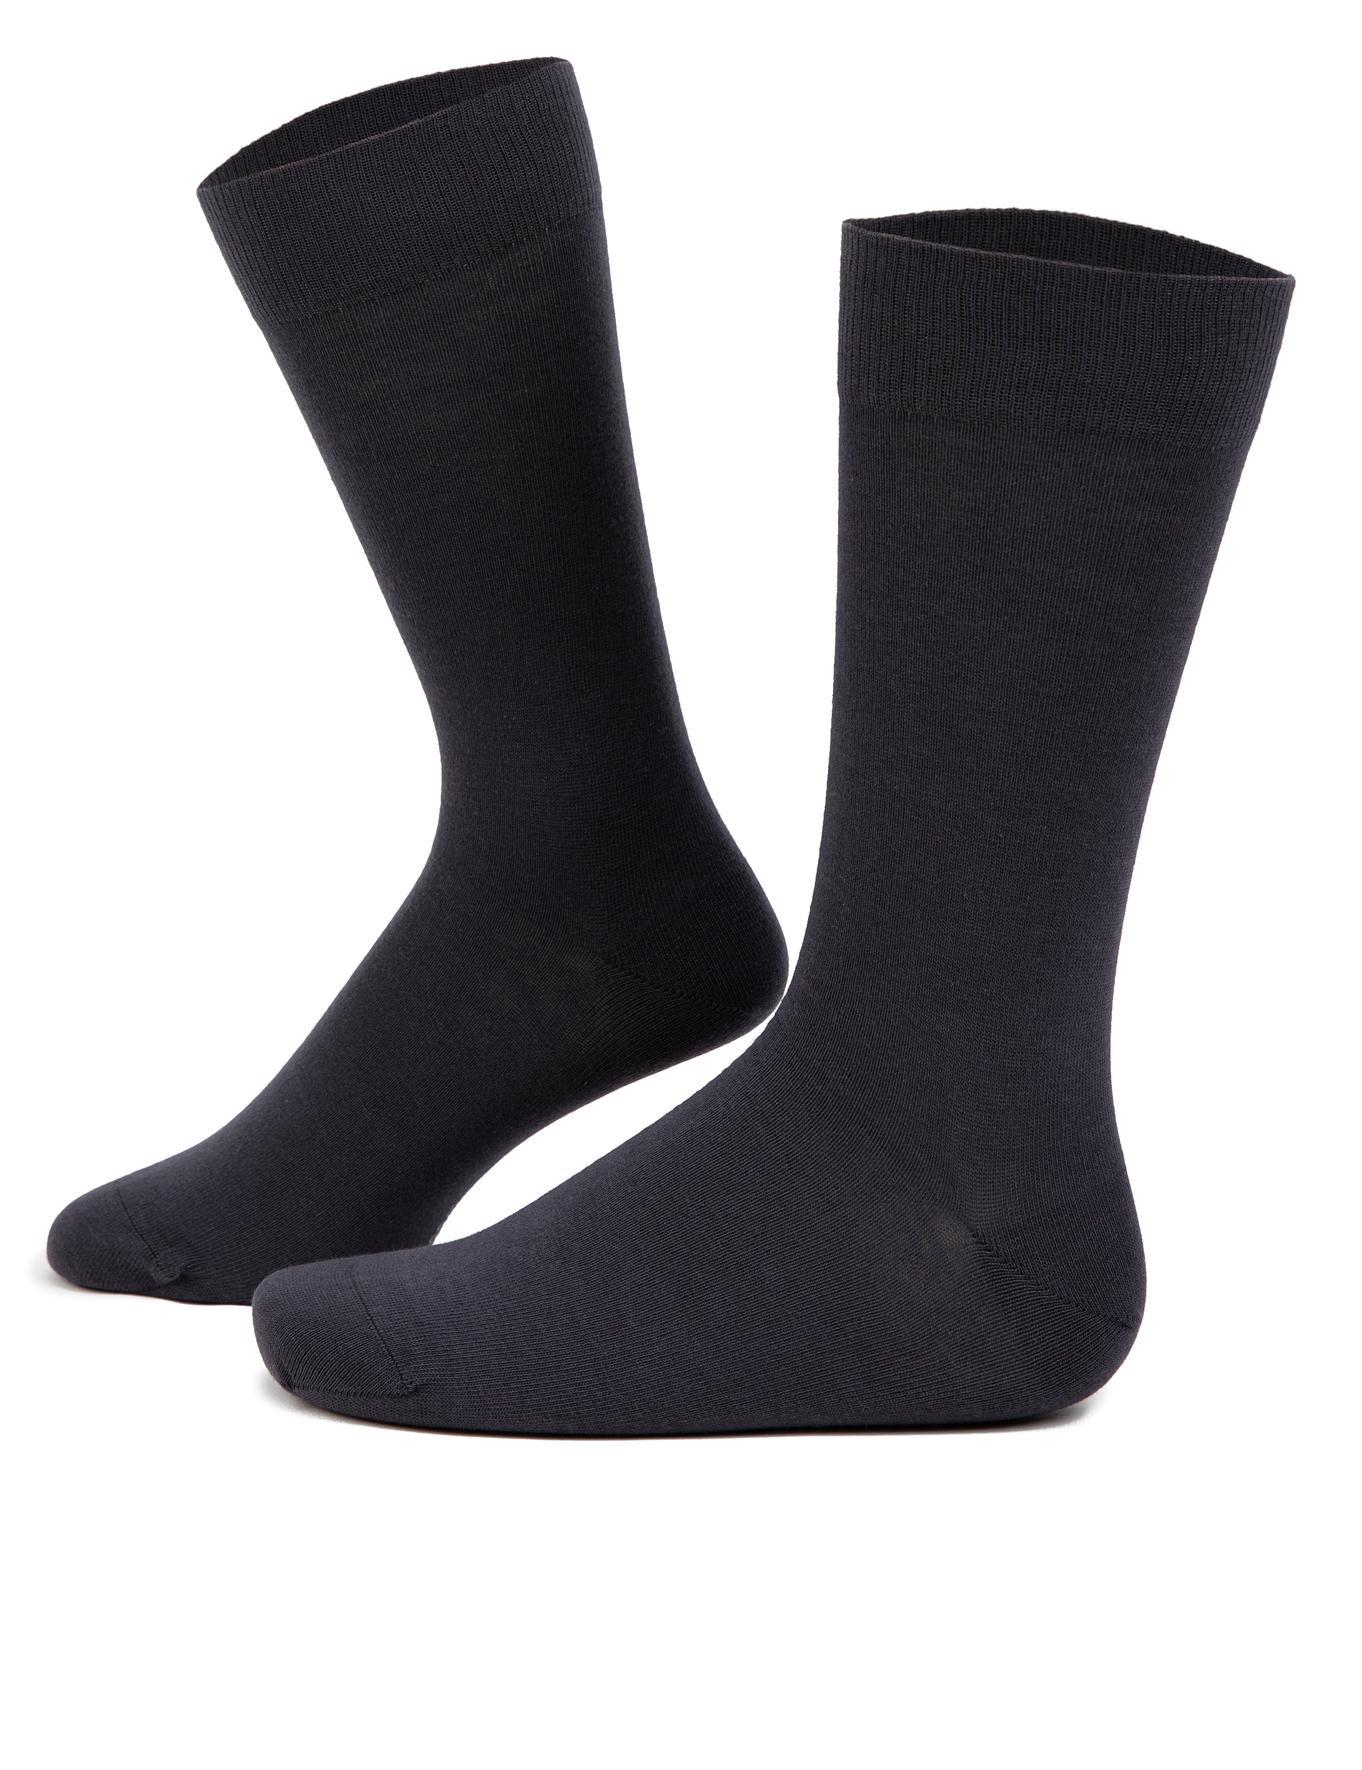 Antrasit Çorap - 50246324006